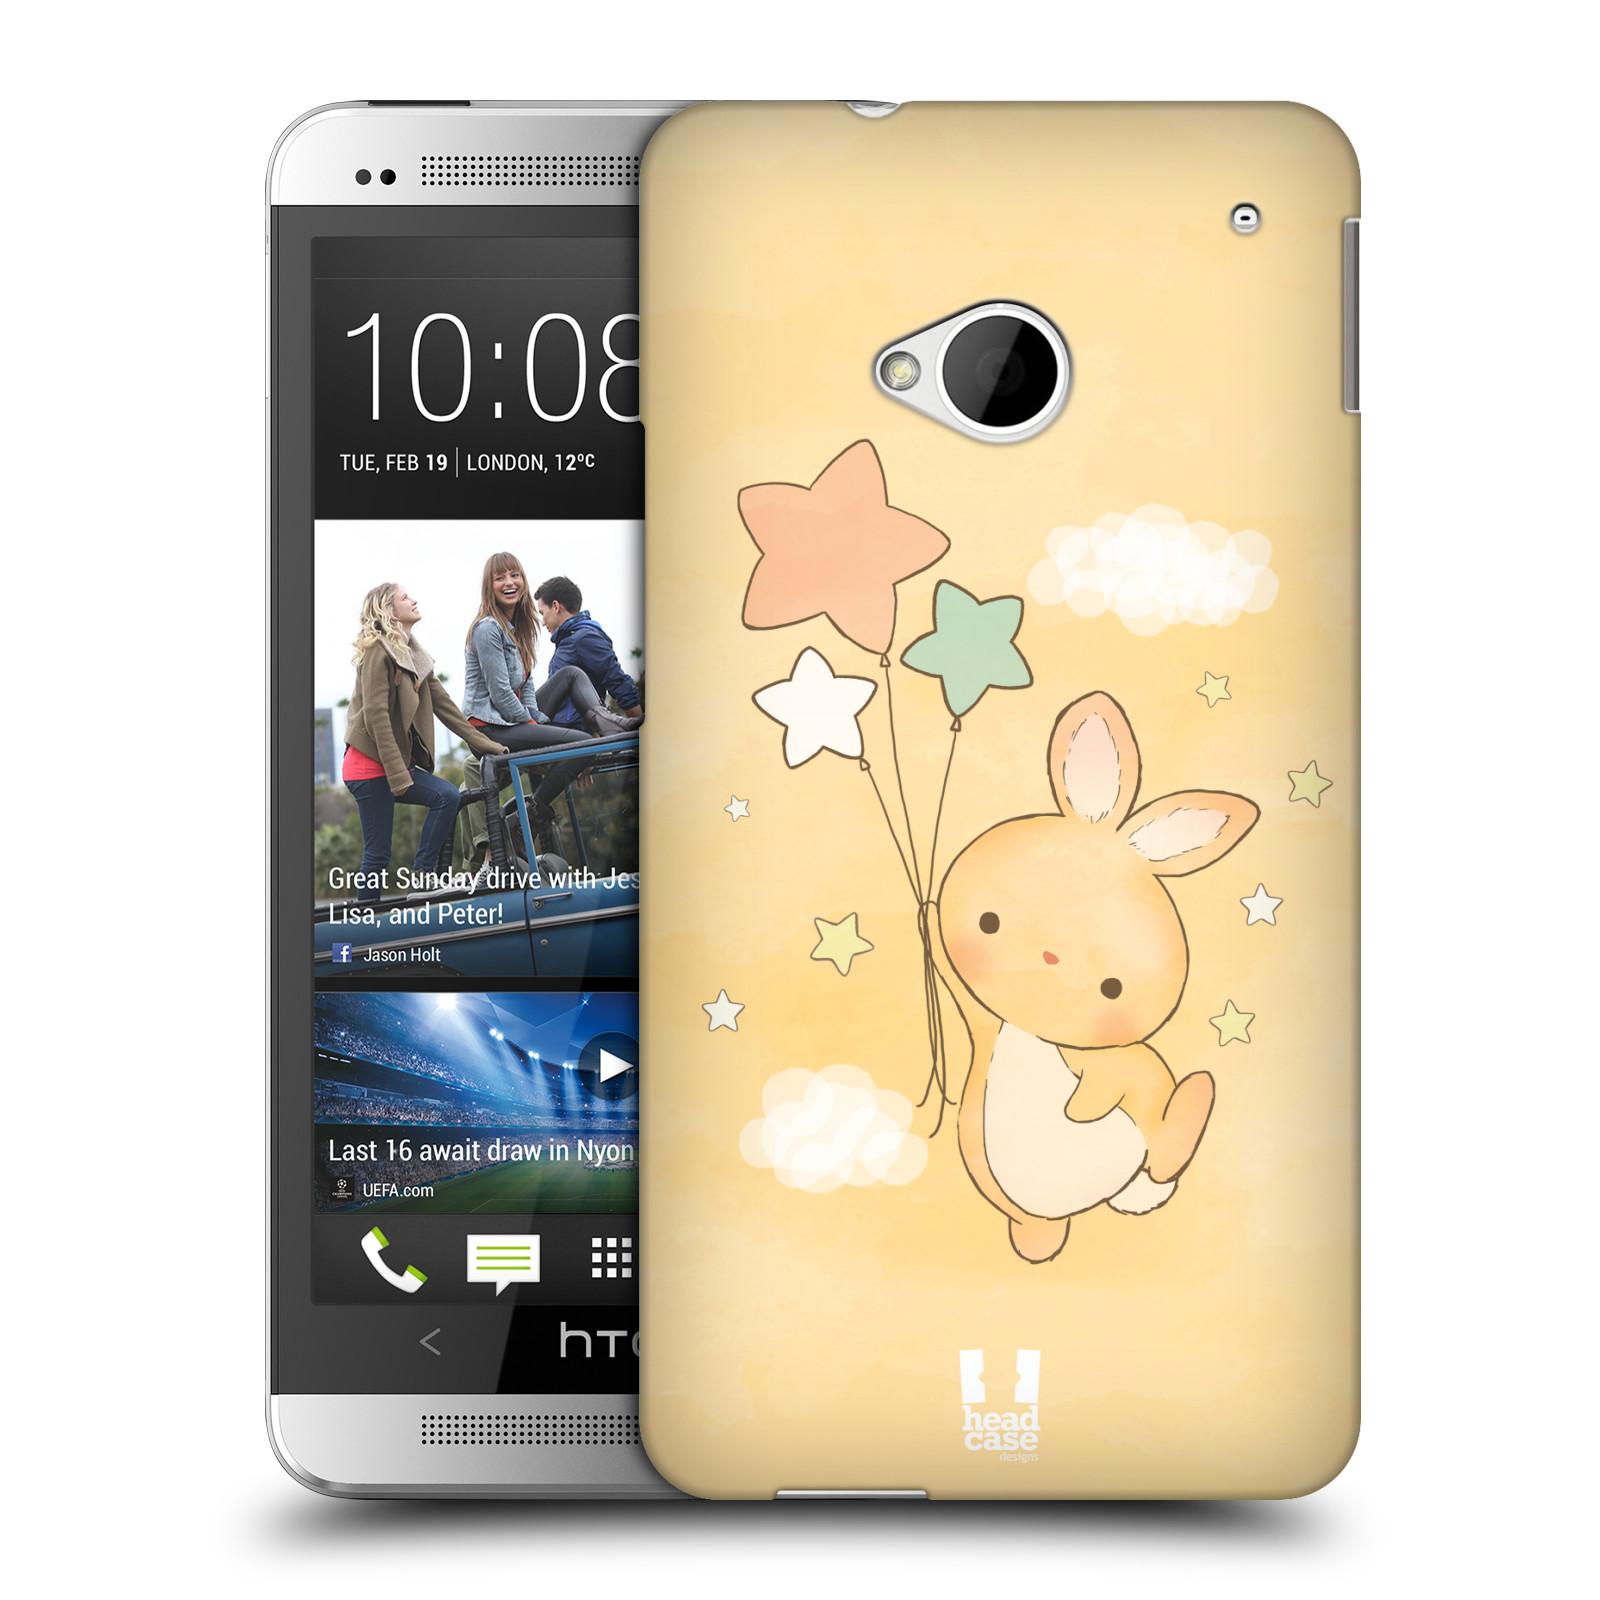 HEAD CASE plastový obal na mobil HTC One (M7) vzor králíček a hvězdy žlutá